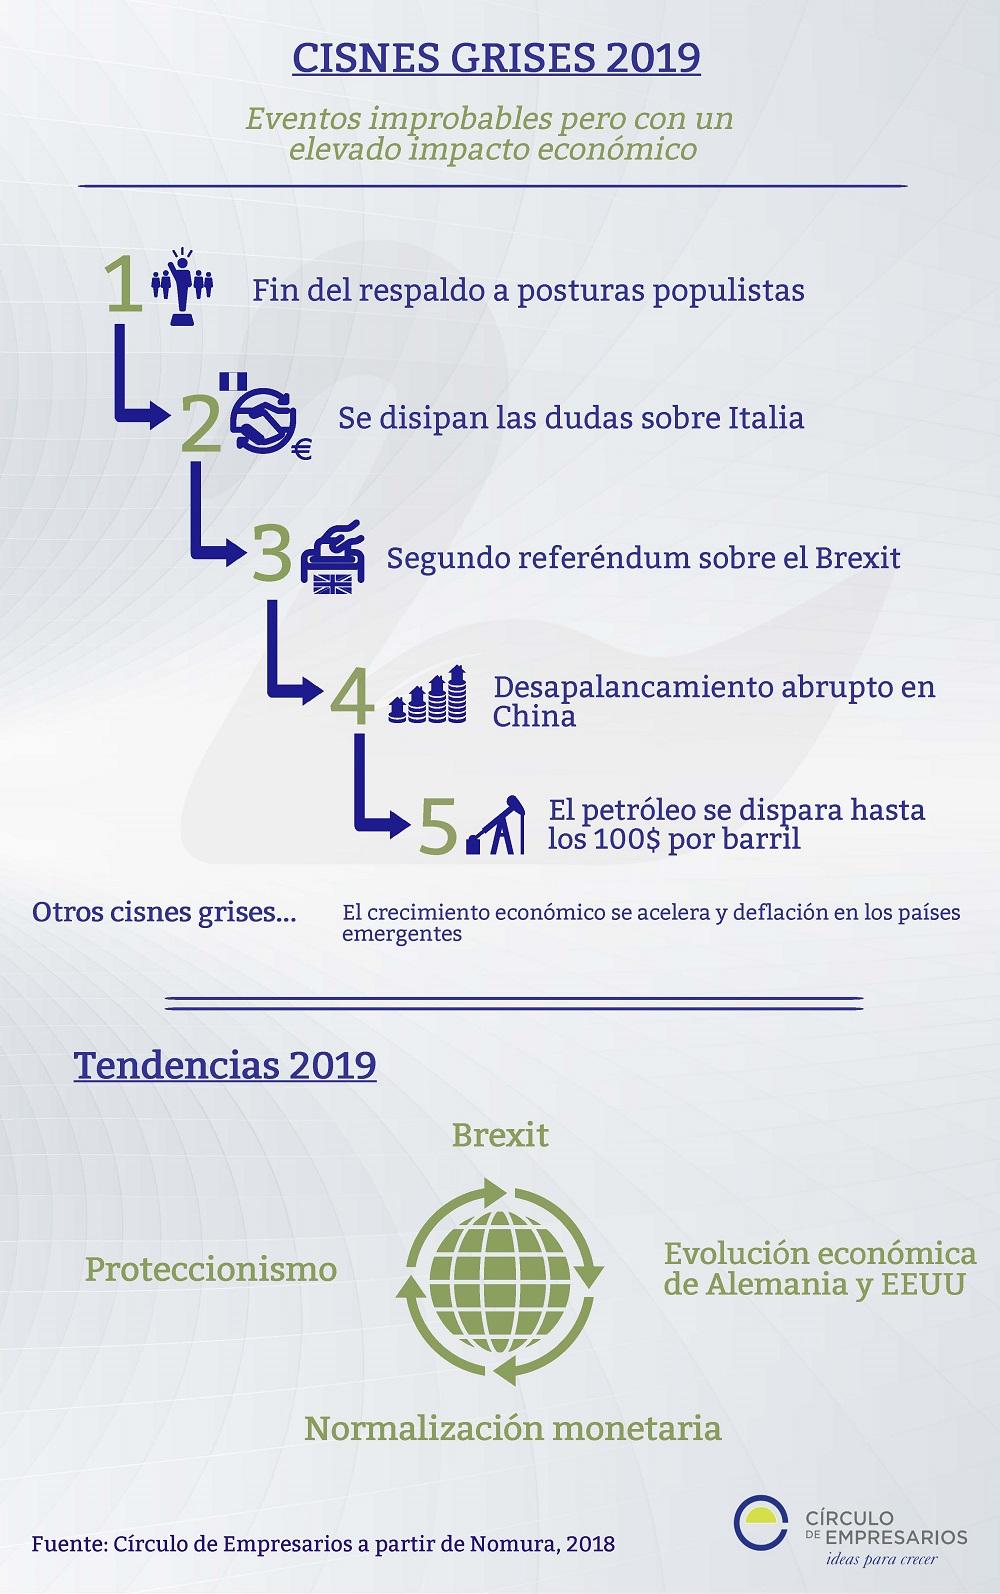 Cisnes grises 2019 infografía Círculo de Empresarios